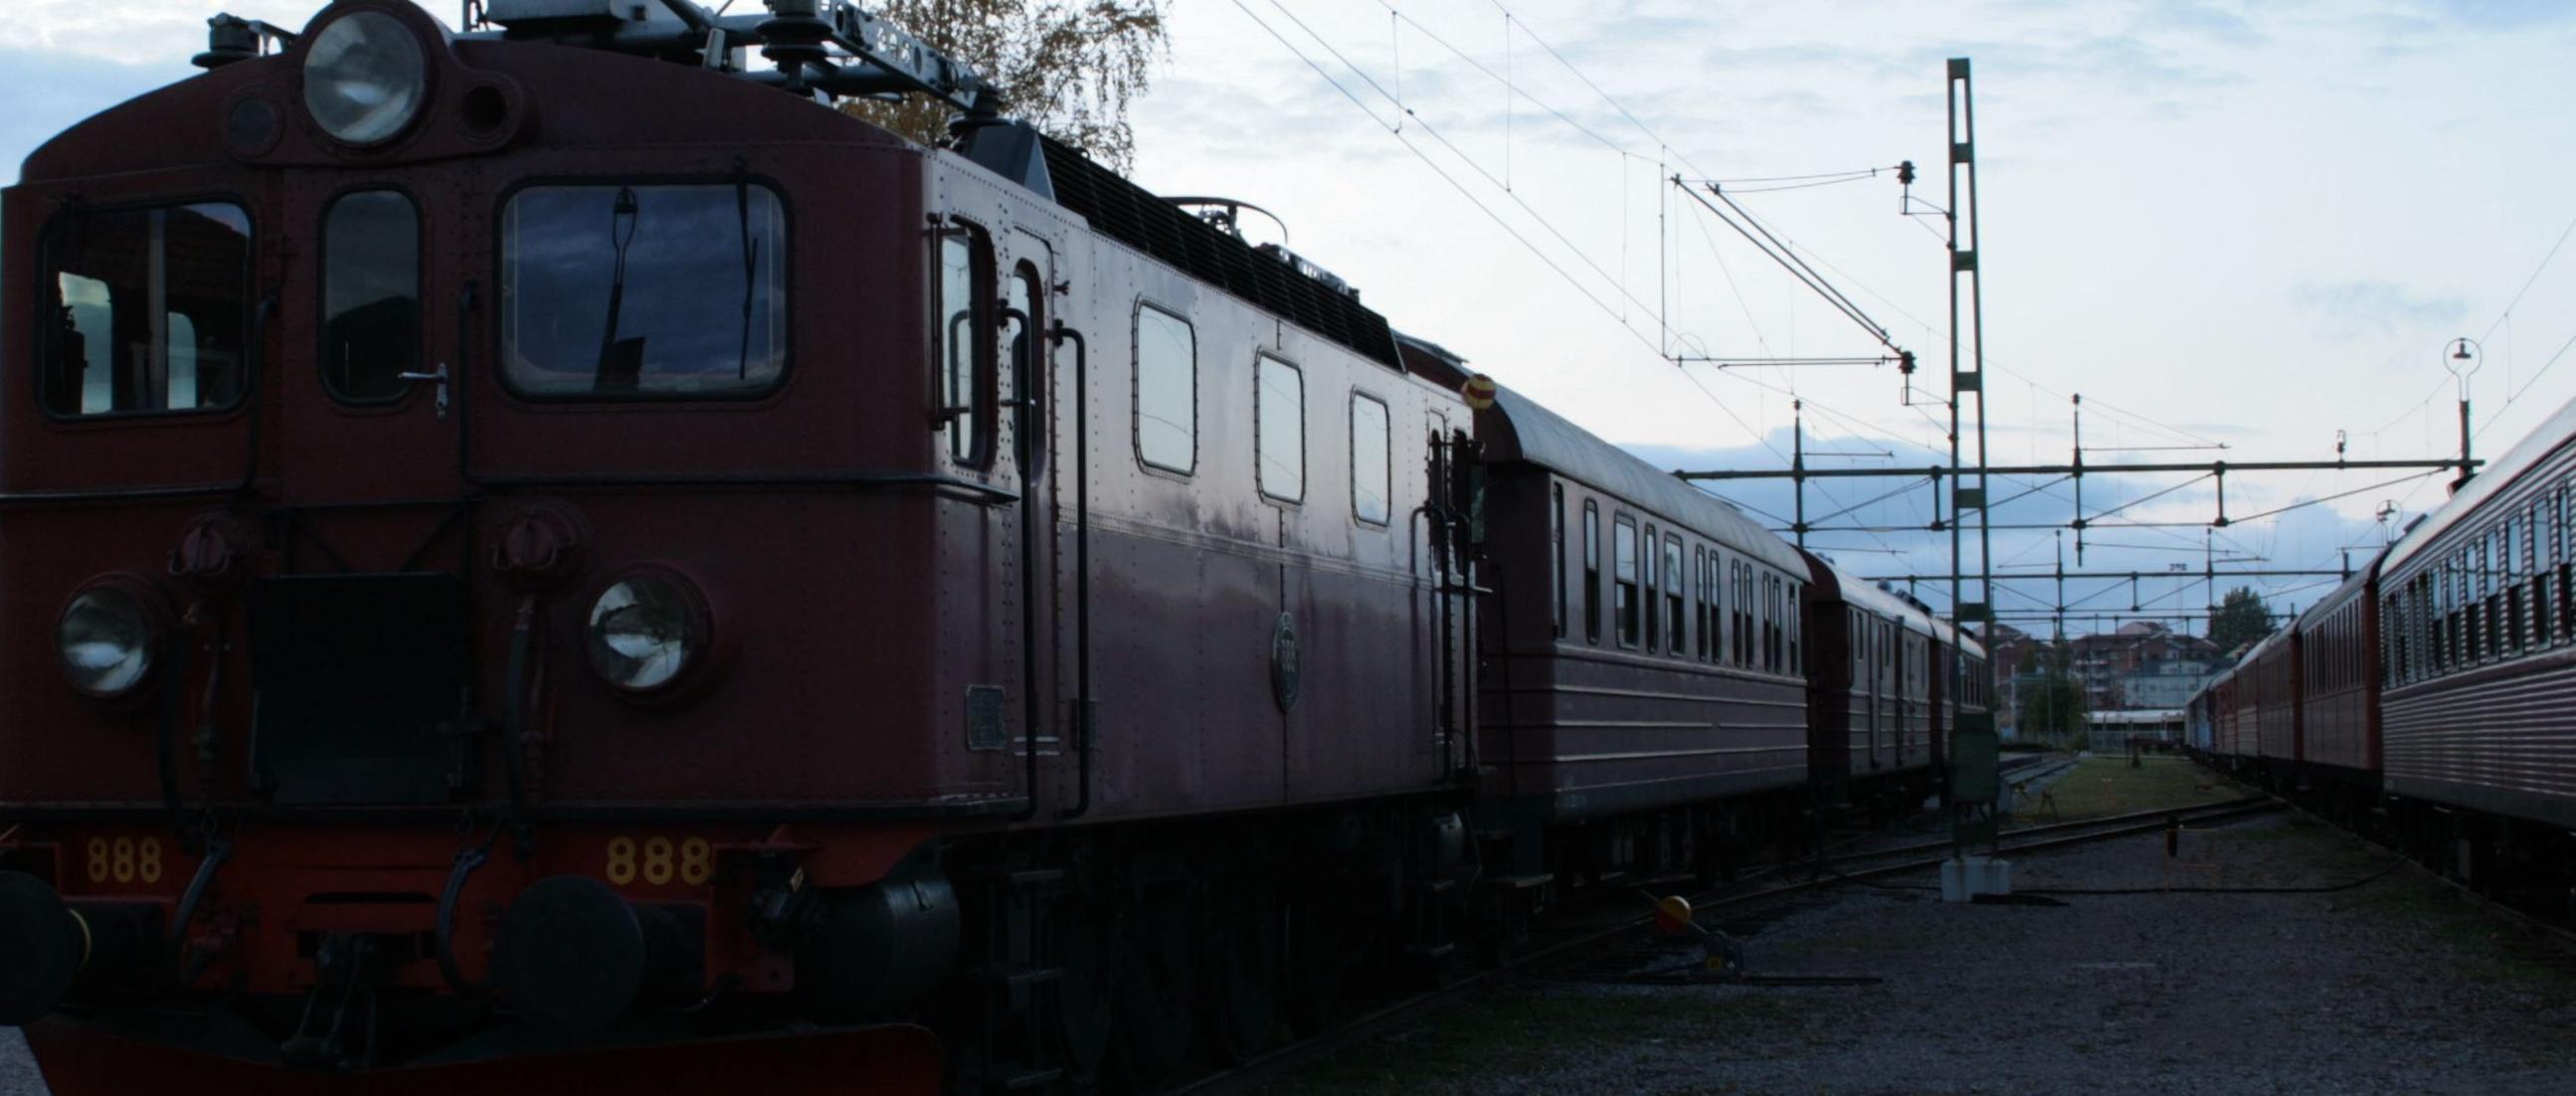 Tåg i skymning - mörkerfotografering på Järnvägsmuseet